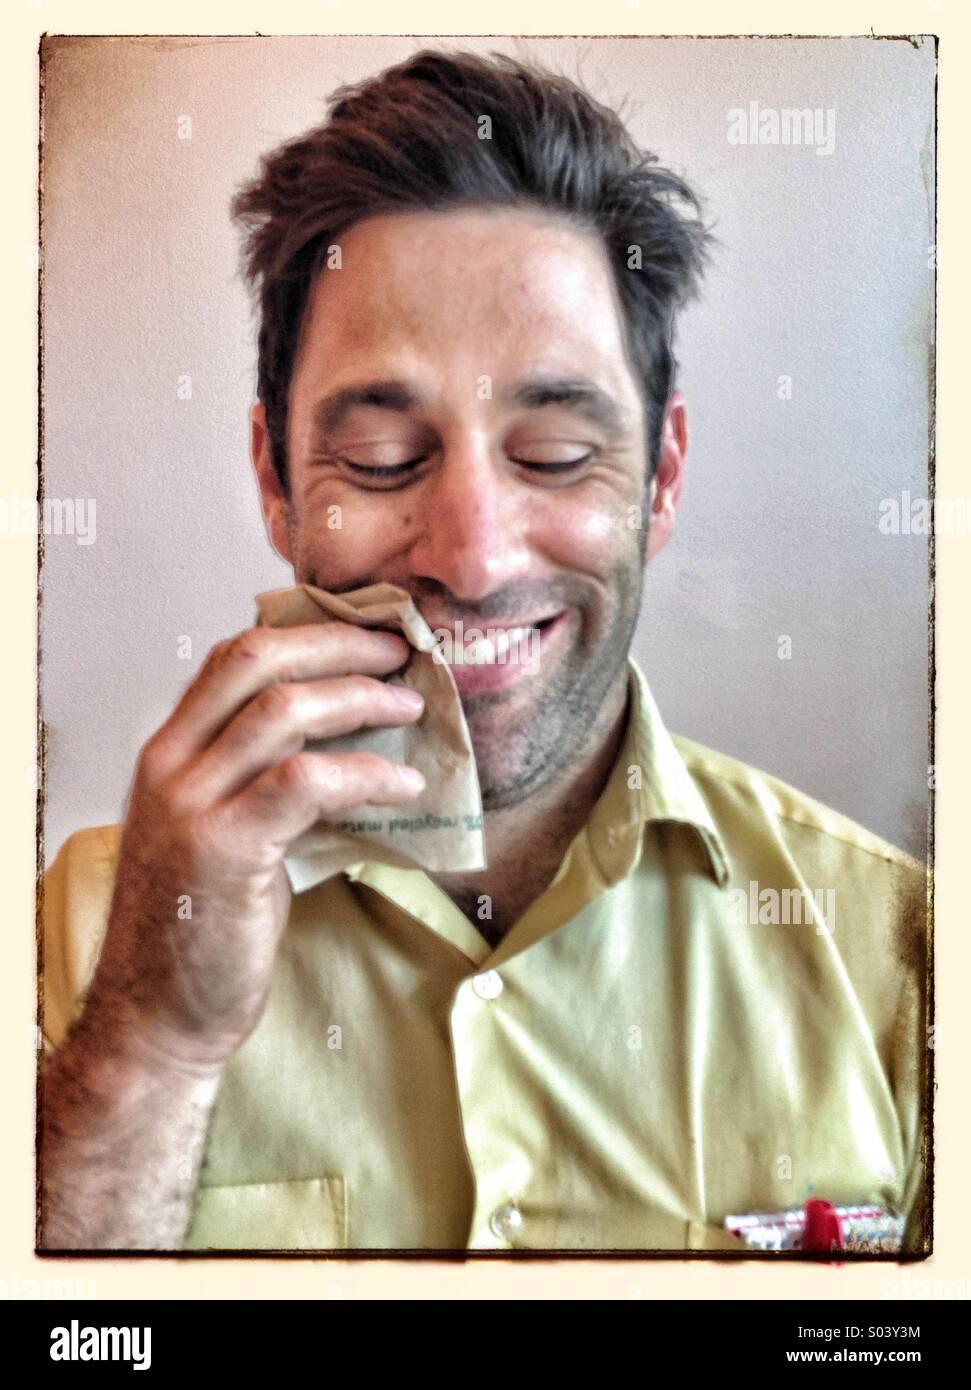 Soddisfatto guy dopo aver mangiato Immagini Stock